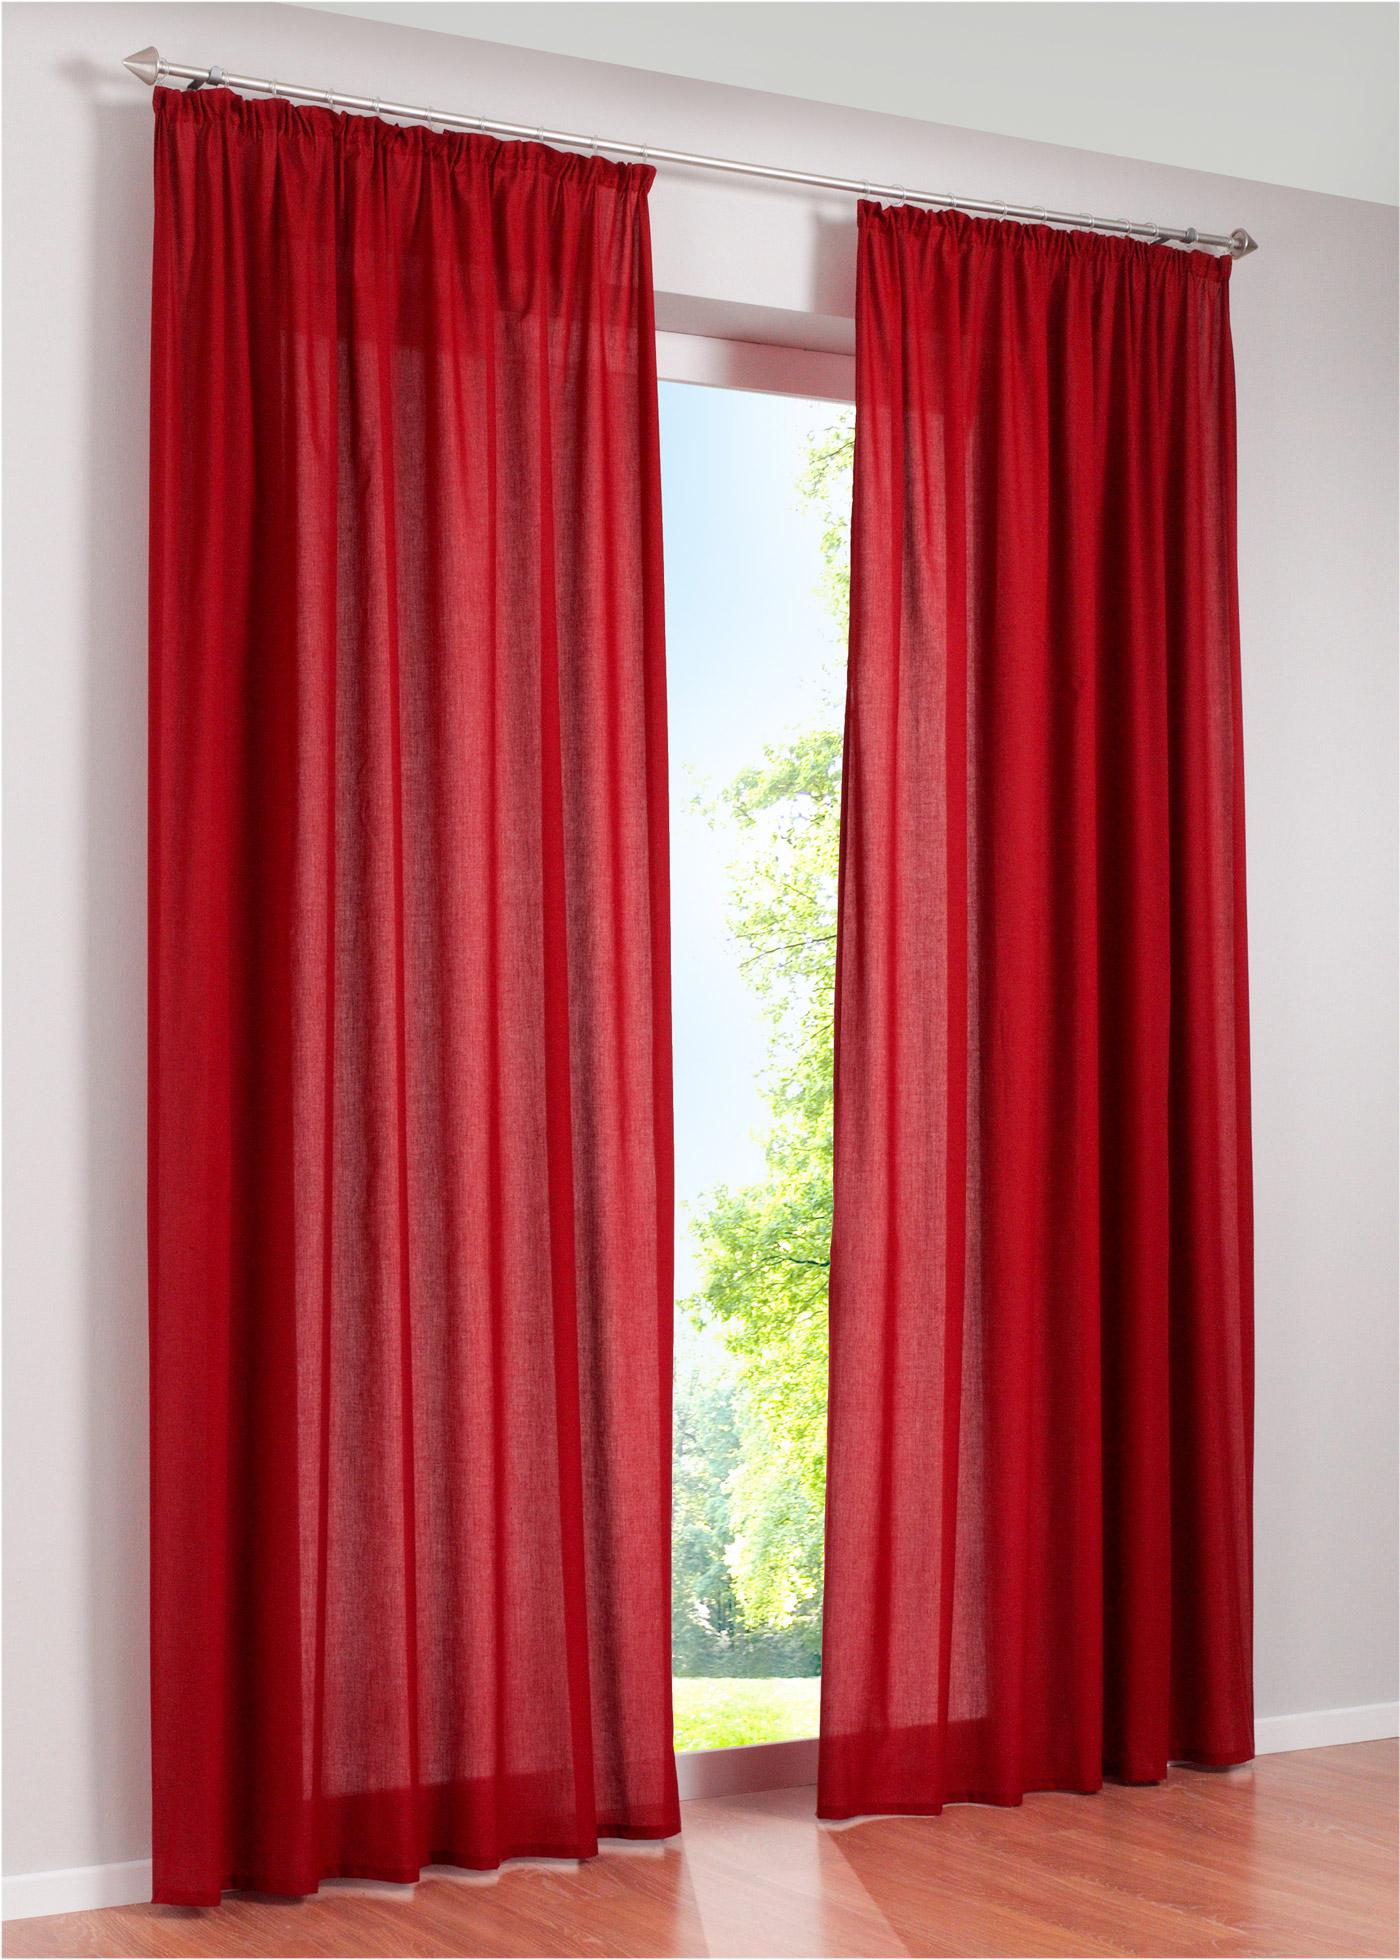 vorhang rot dekoration mode fashion. Black Bedroom Furniture Sets. Home Design Ideas